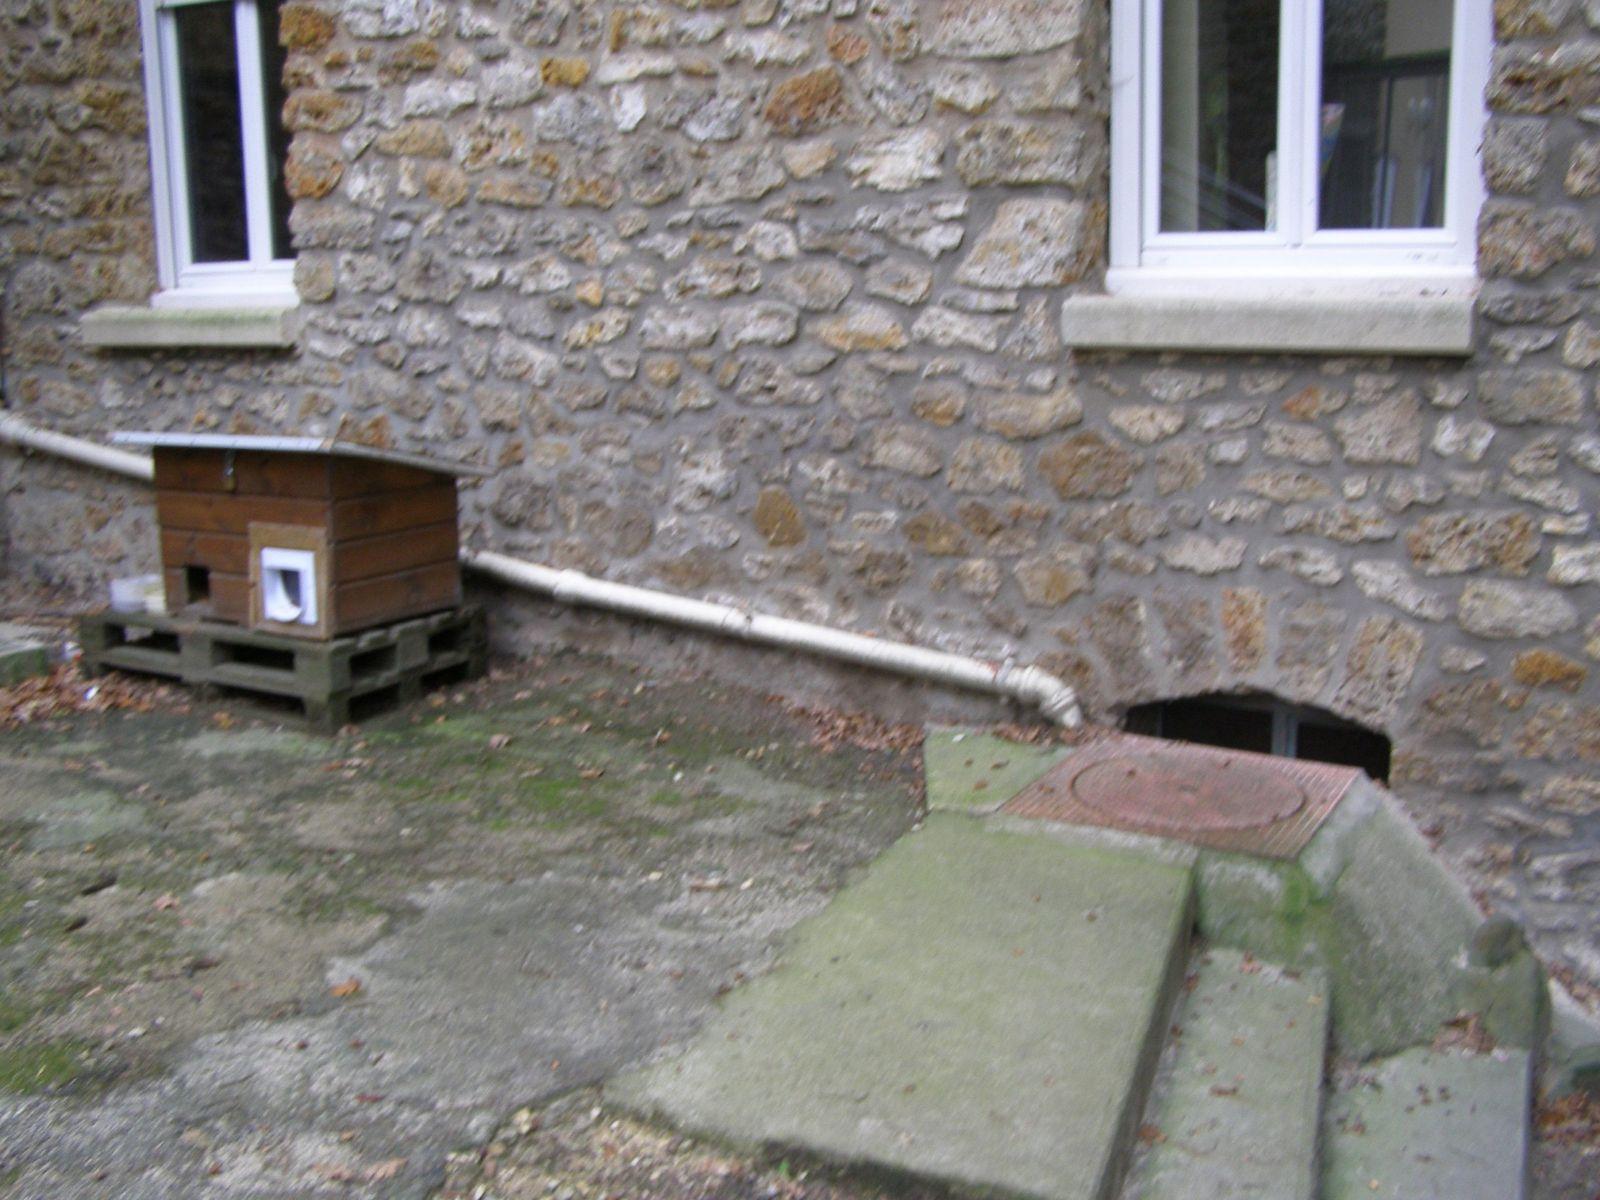 Cette niche/cantine, placée à proximité d'un soupirail de la chaufferie était le point de nourrissage de quelques chats,  Muscade était la plus fidèle.